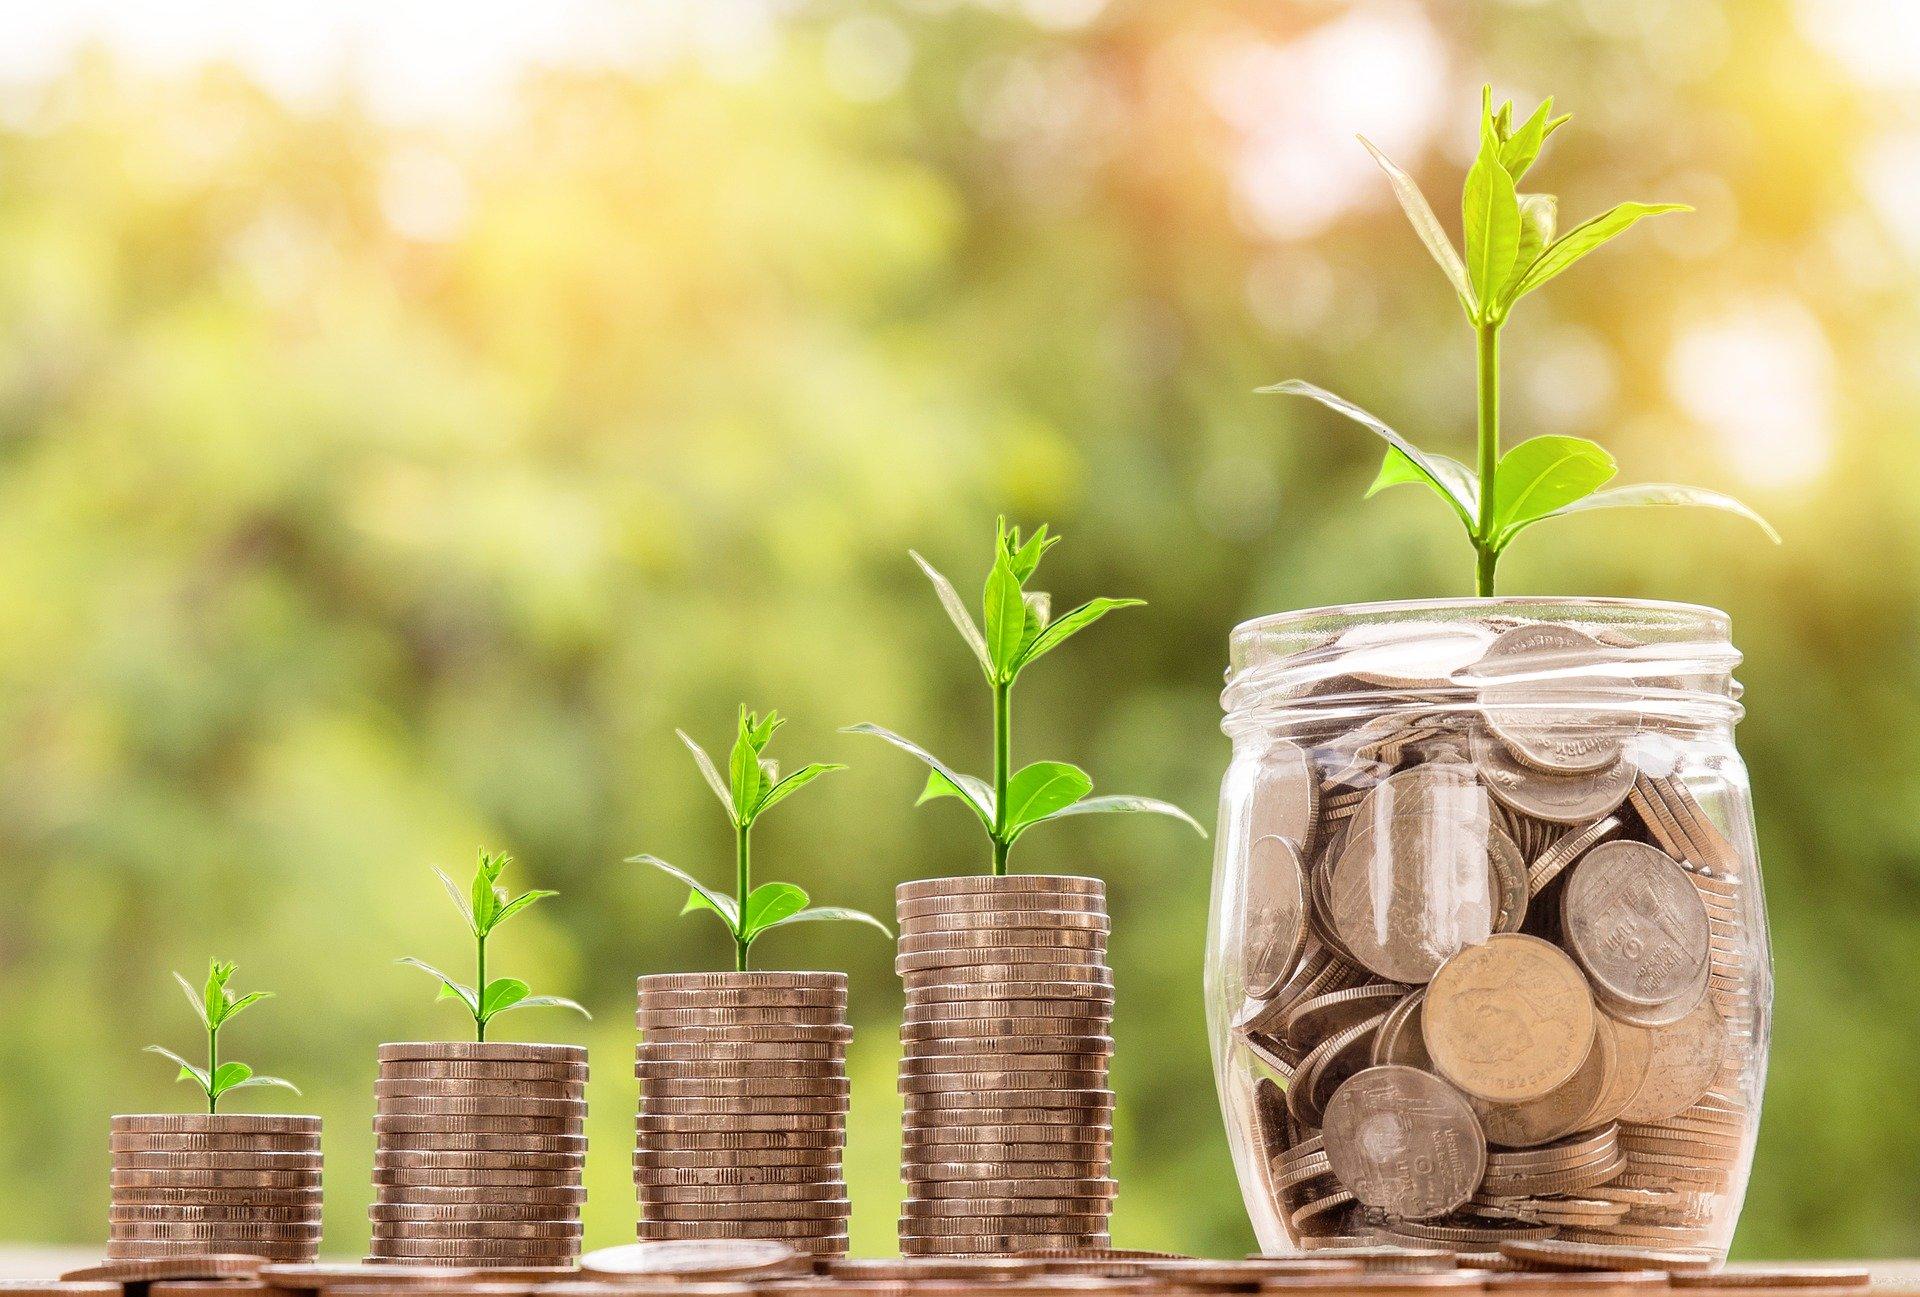 Bank now crédit leasing